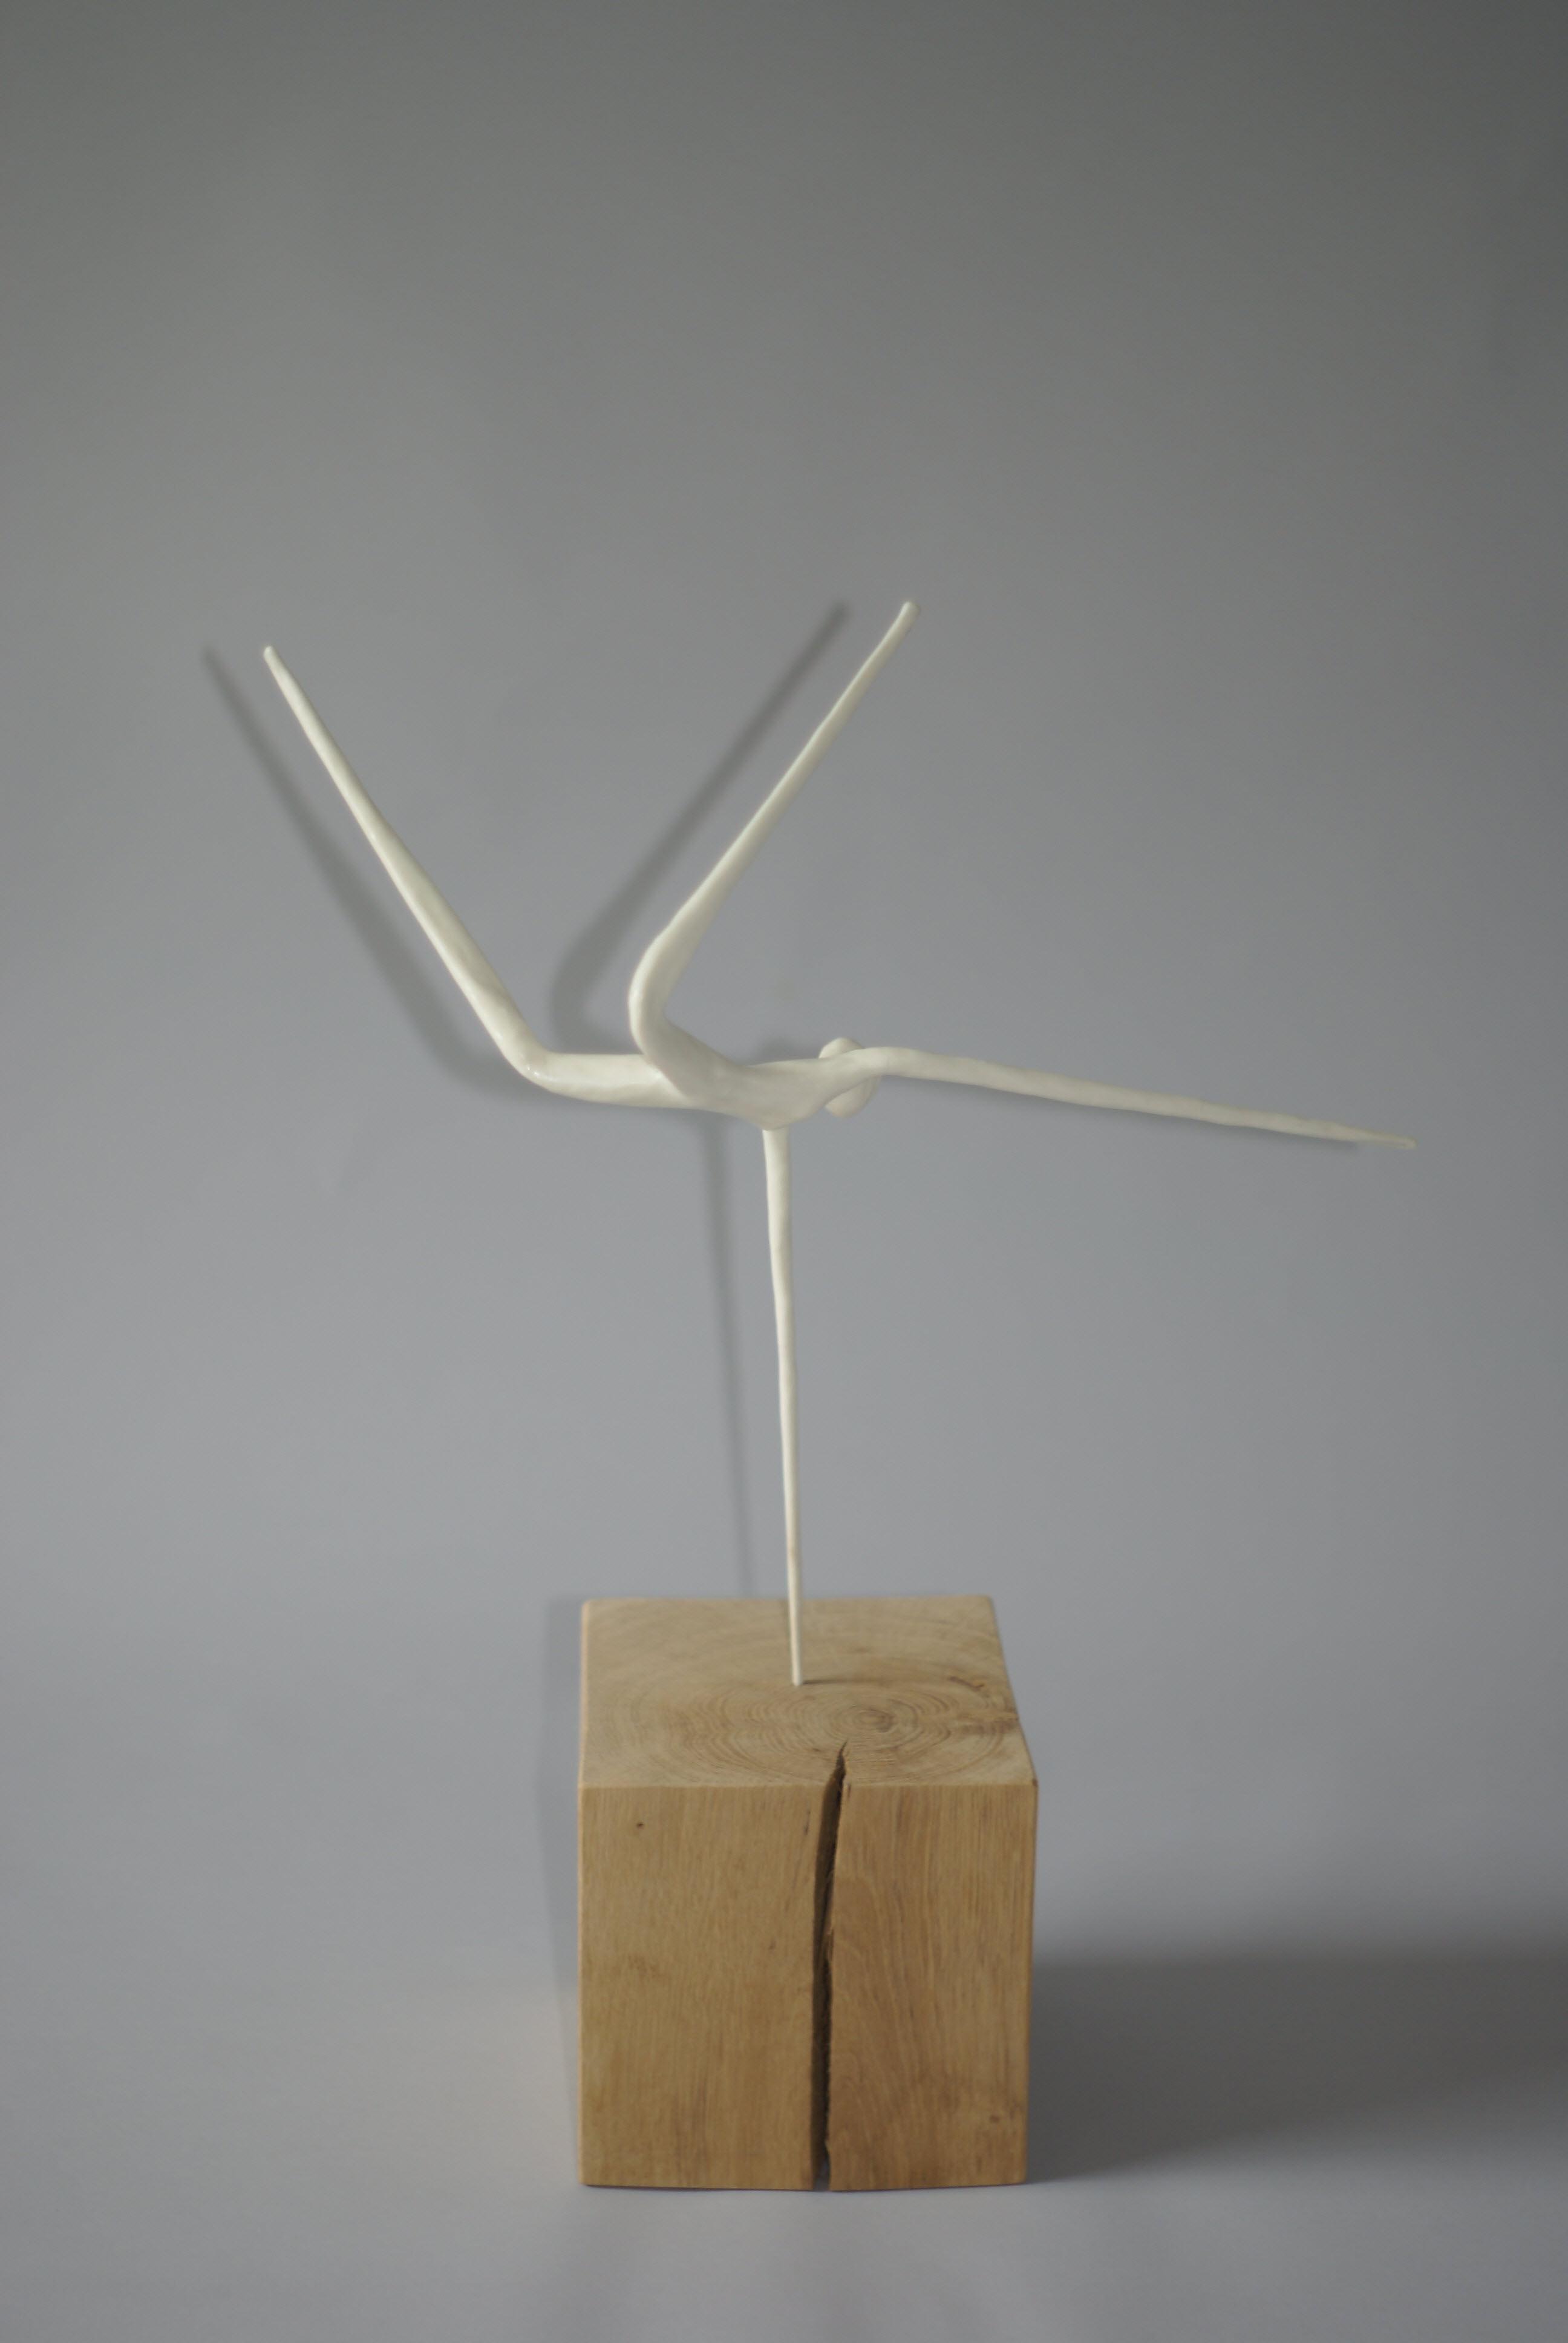 Wim Van Borm - Handstand